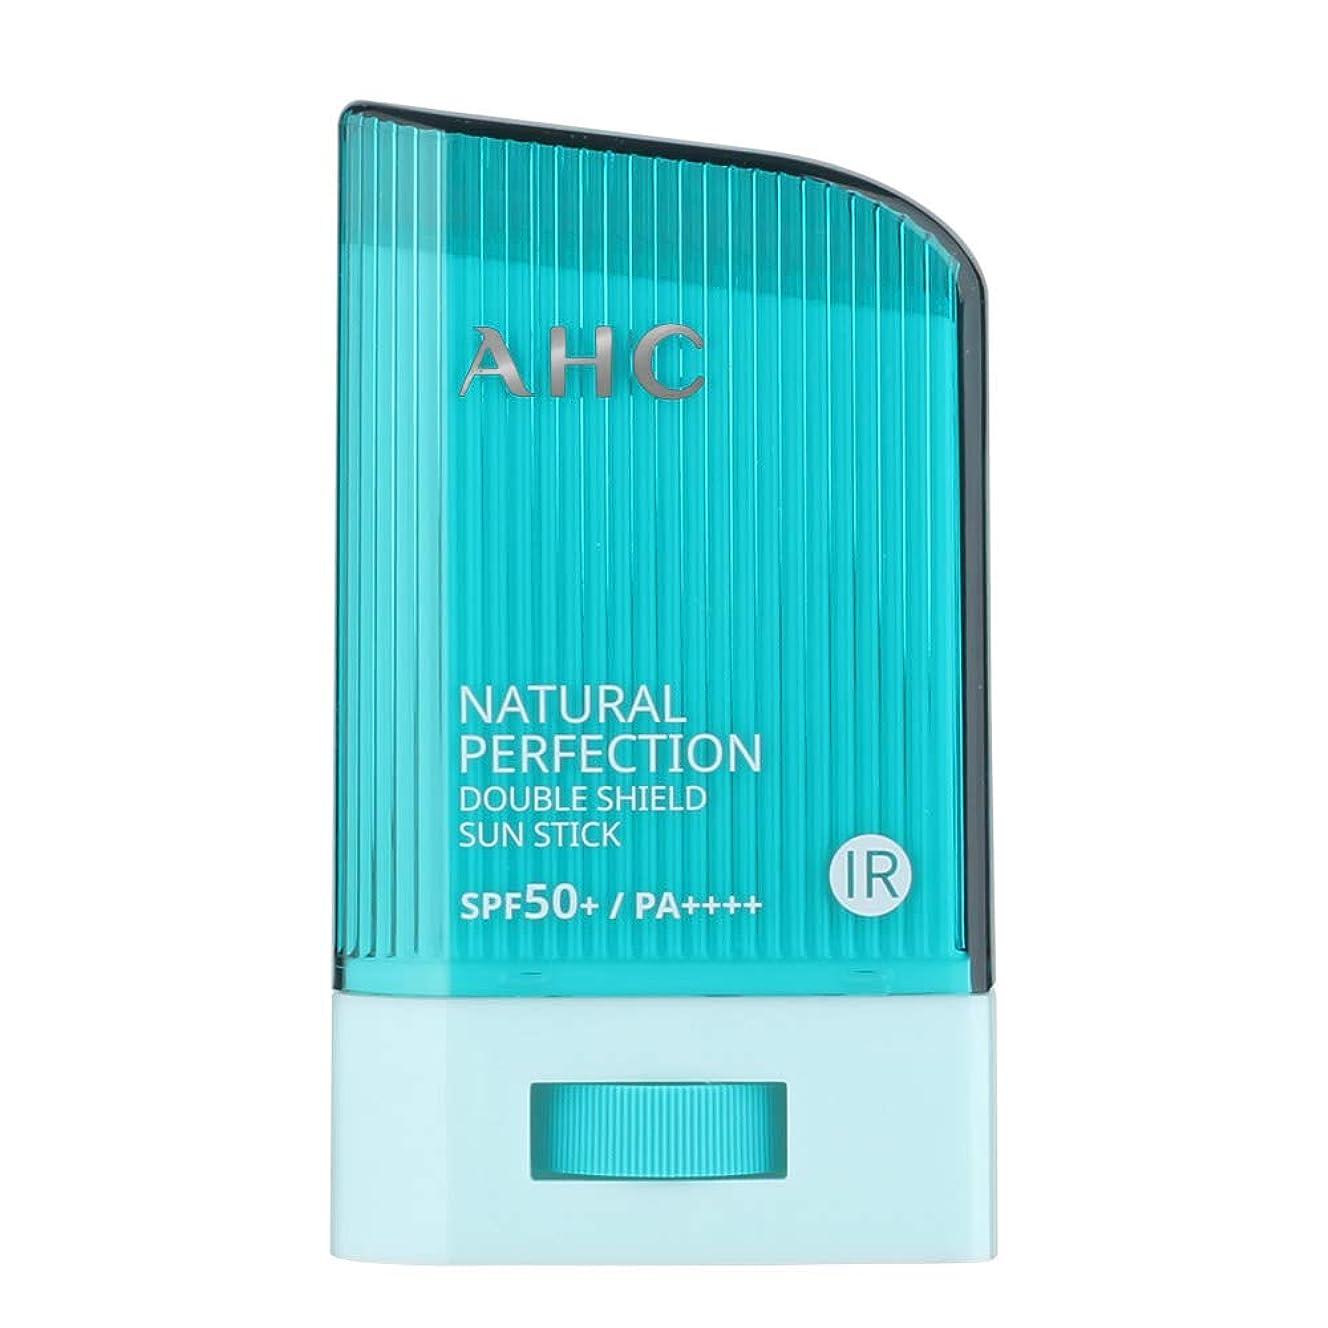 エクステント置くためにパック発掘するAHC ナチュラルパーフェクションダブルシールドサンスティック 22g, Natural Perfection Double Shield Sun Stick SPF50+ PA++++